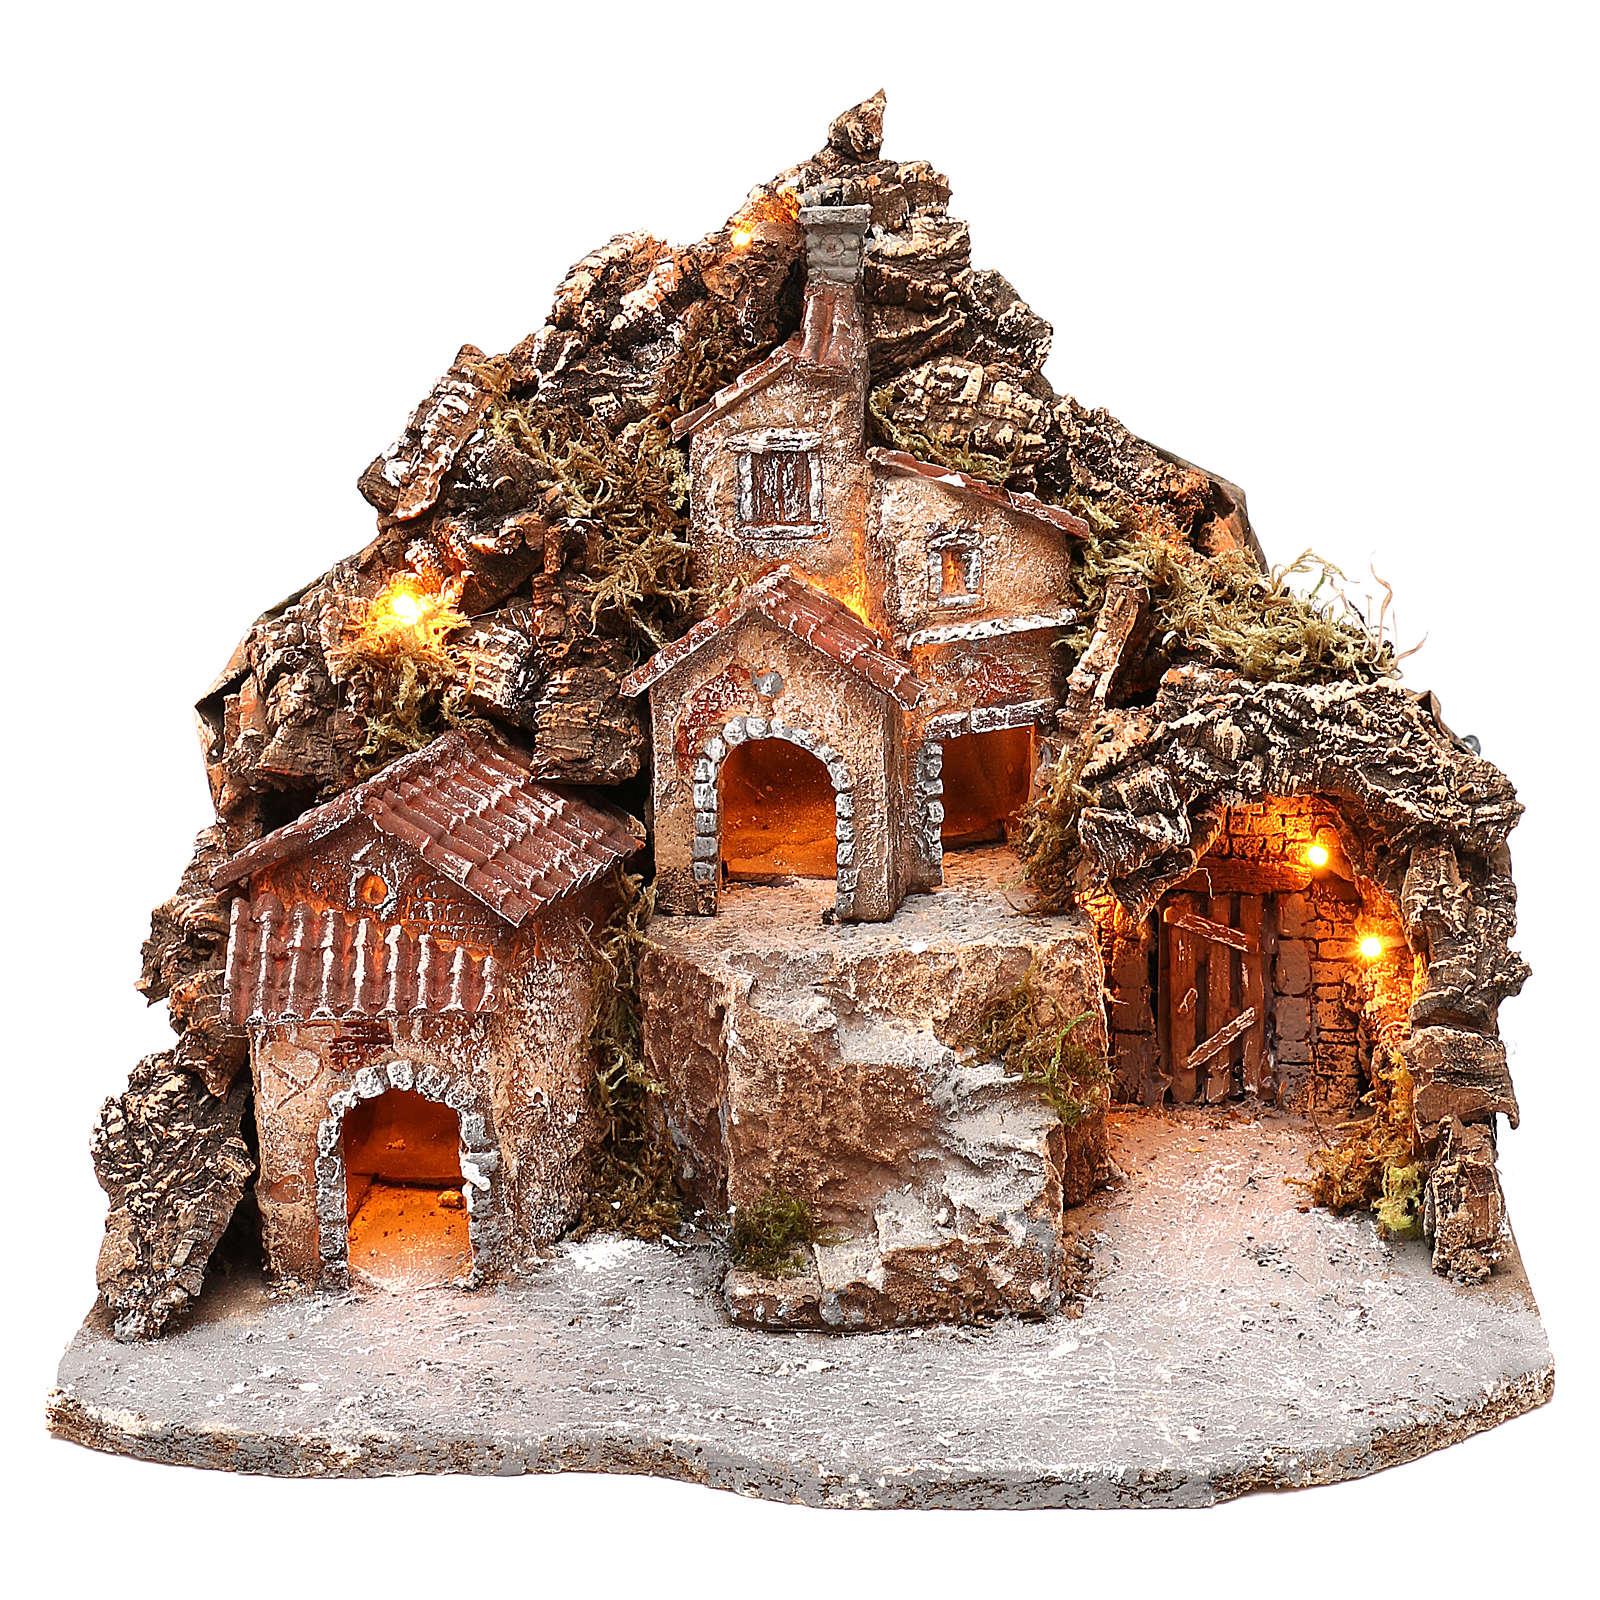 Borgo con grotta e montagna 30x40x30 cm illuminato presepe napoletano 4-6 cm 4